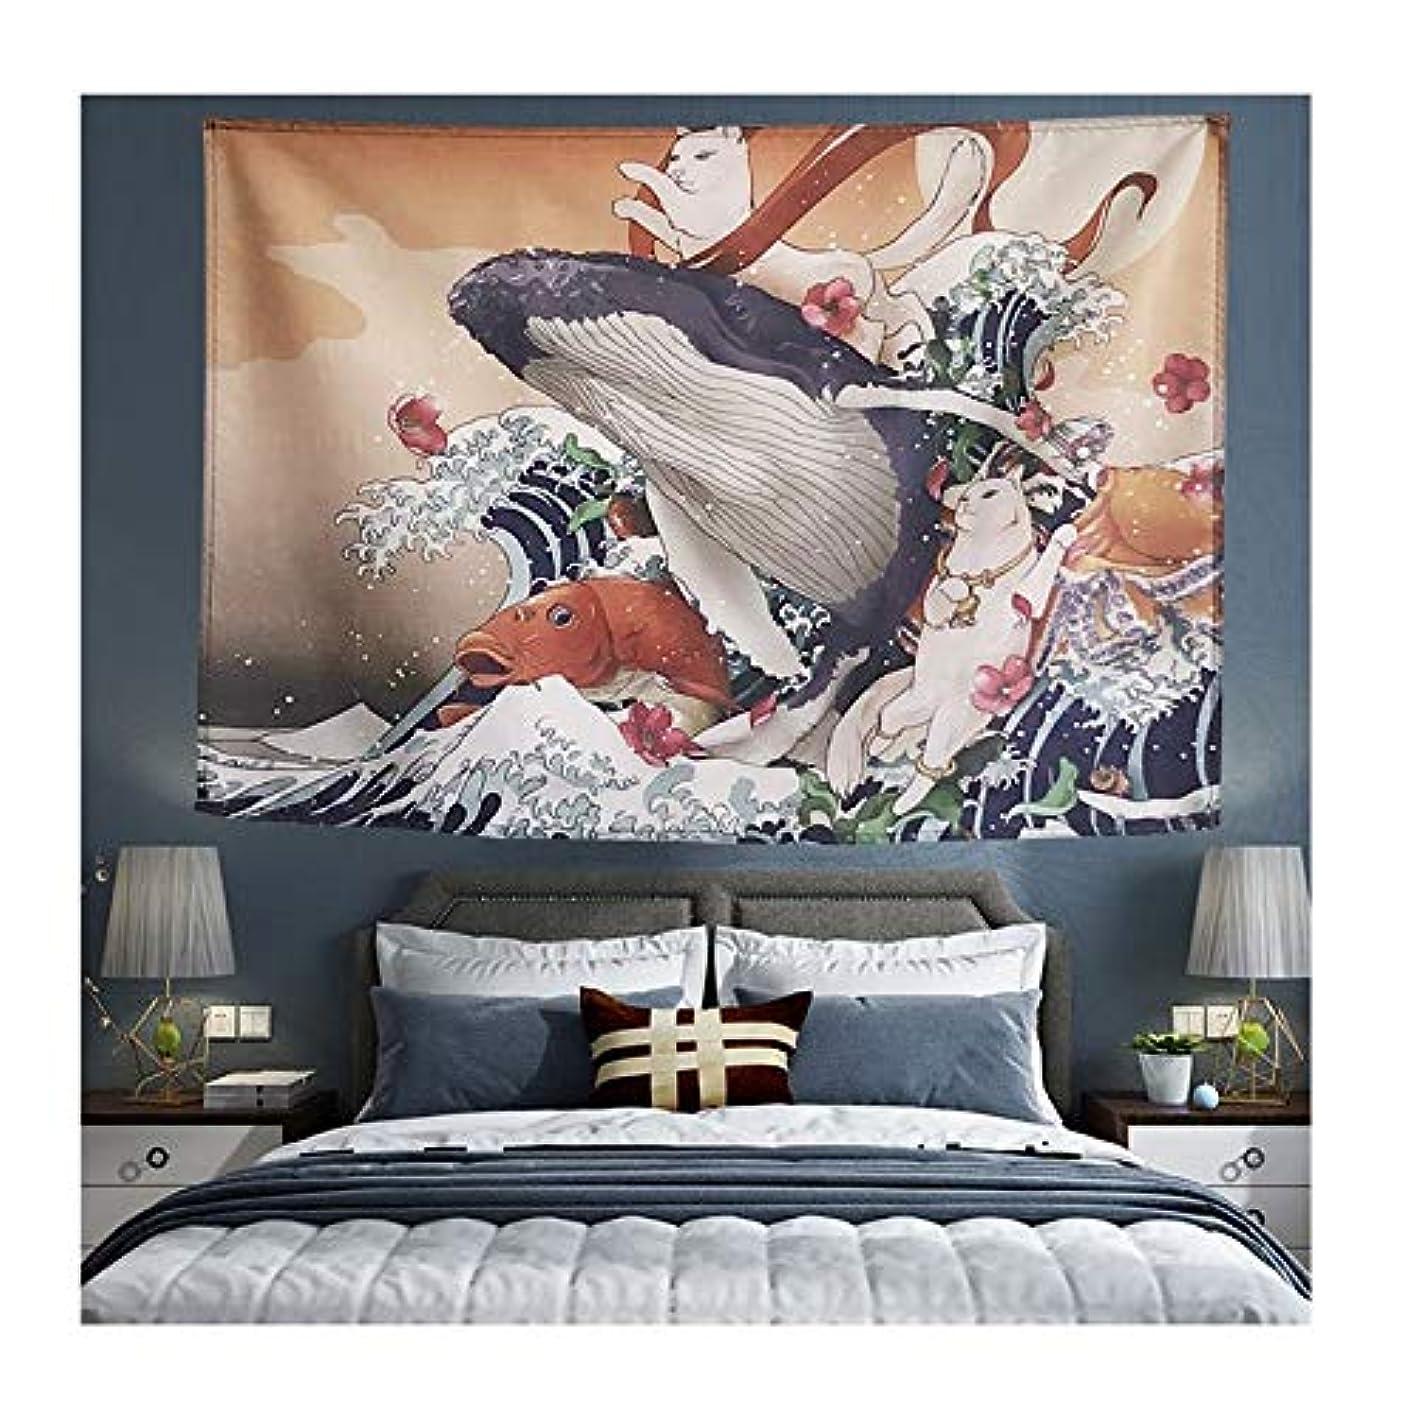 答え登録するブラインドレトロな装飾的なタペストリーアニメ吊り寮の寝室の壁装壁アートタペストリー-190CM×125CM NTWXY